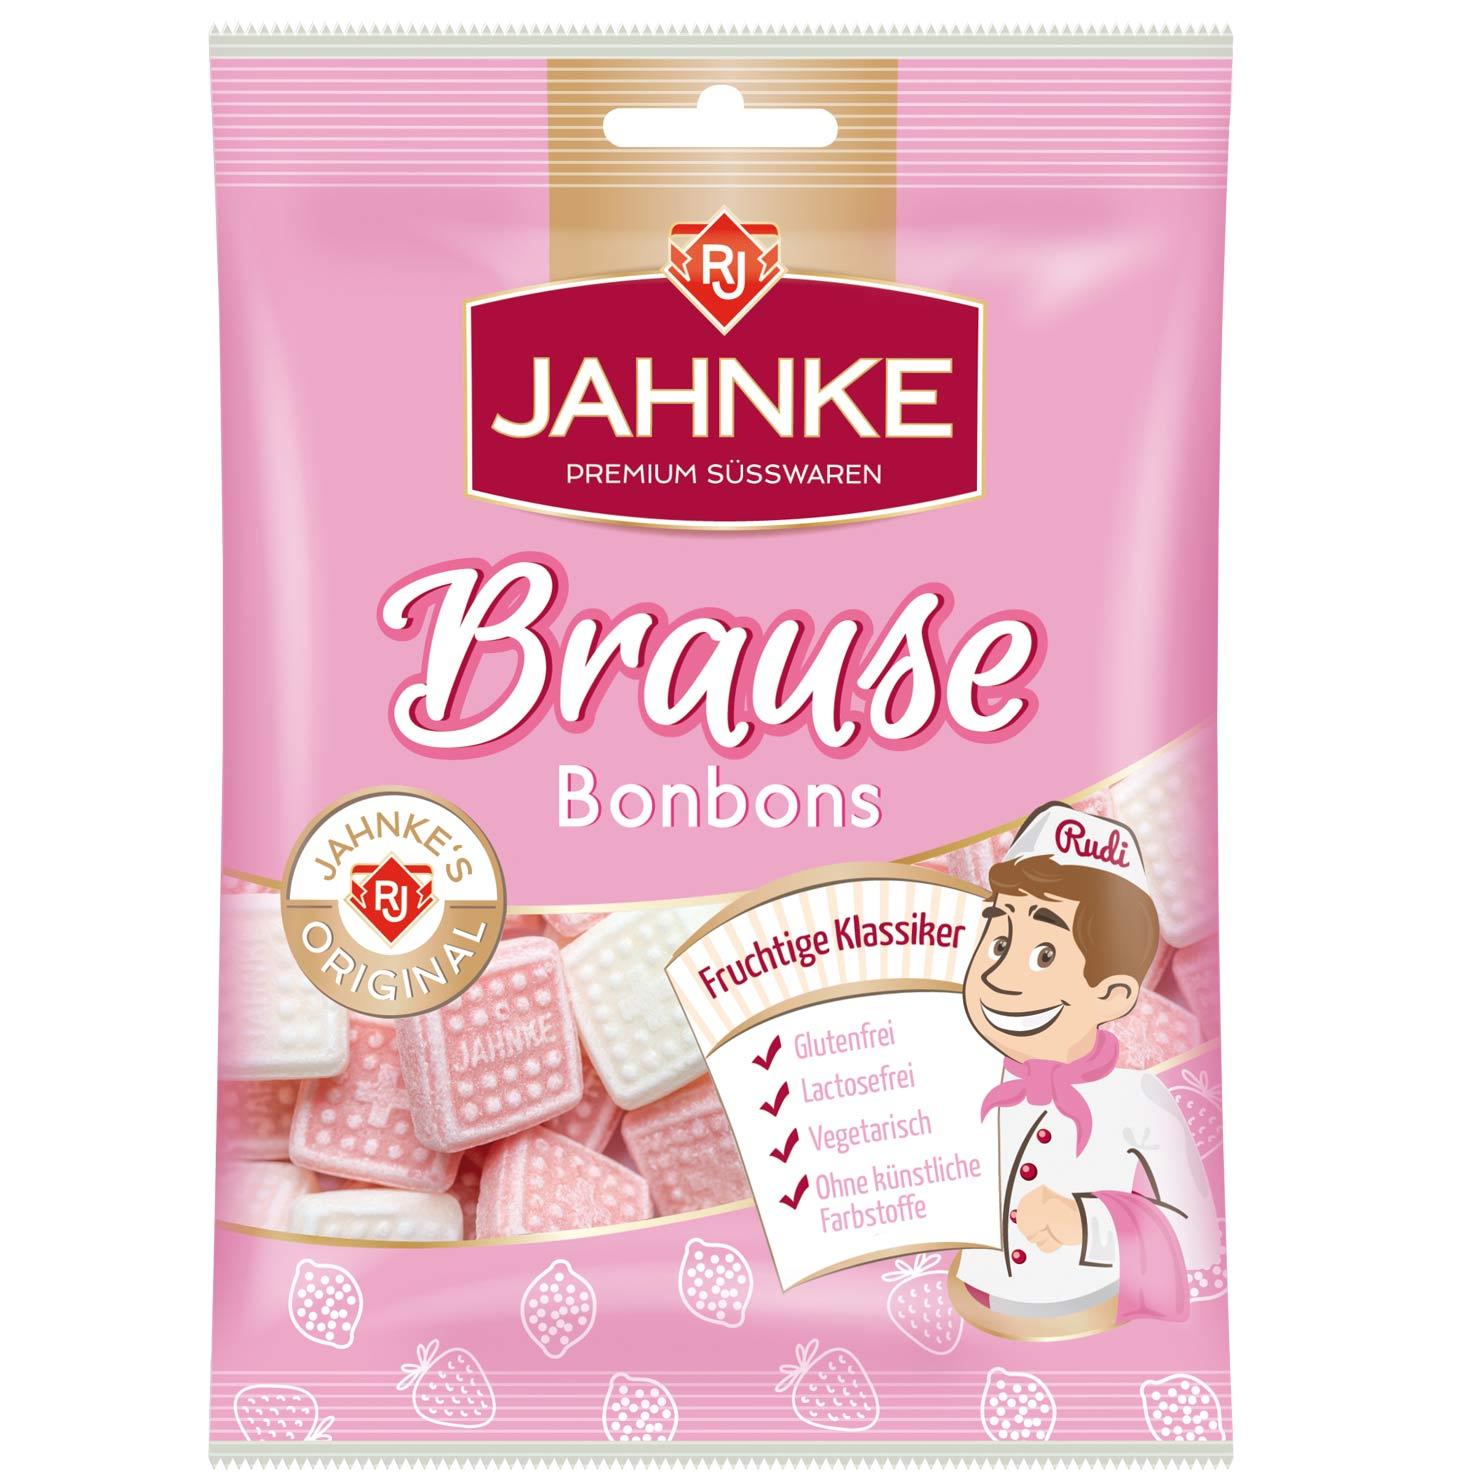 jahnke brause bonbons online kaufen im world of sweets shop. Black Bedroom Furniture Sets. Home Design Ideas